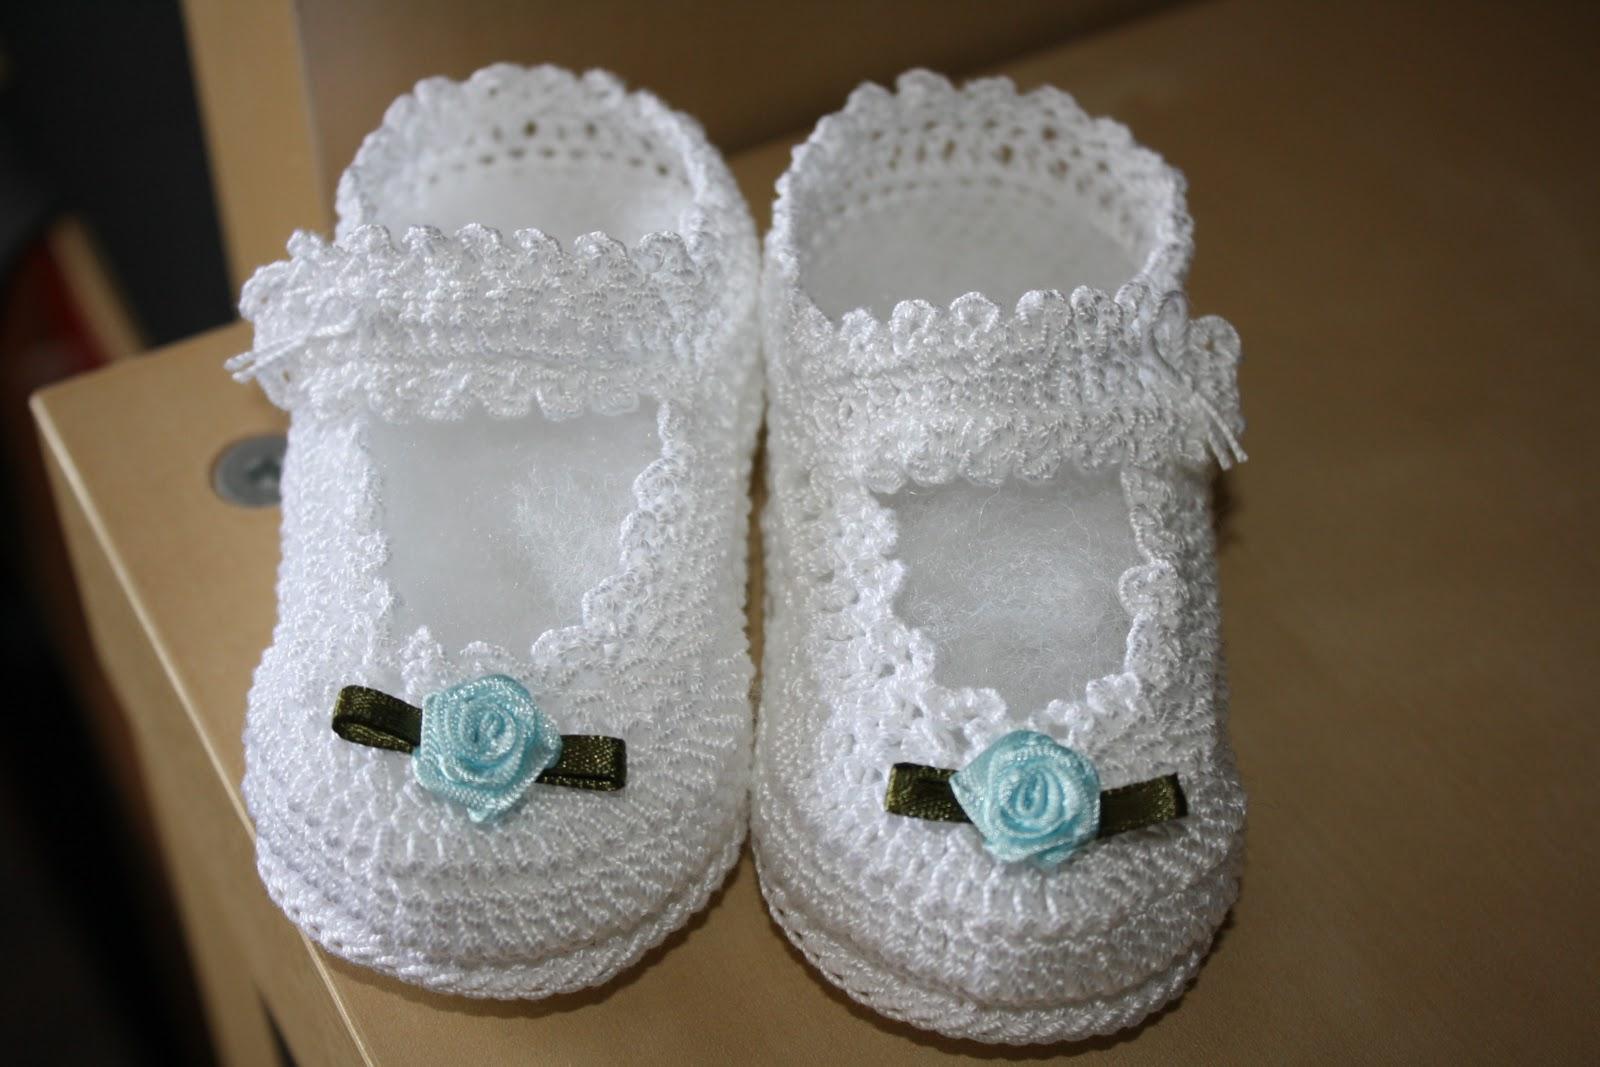 Cuando quieres hacer algo especial para tu bebé que viene en camino, no solo quieres que sea hermoso, además debe ser útil y práctico. Es exactamente lo que vas a conseguir con el patrón de zapatitos de bebe.